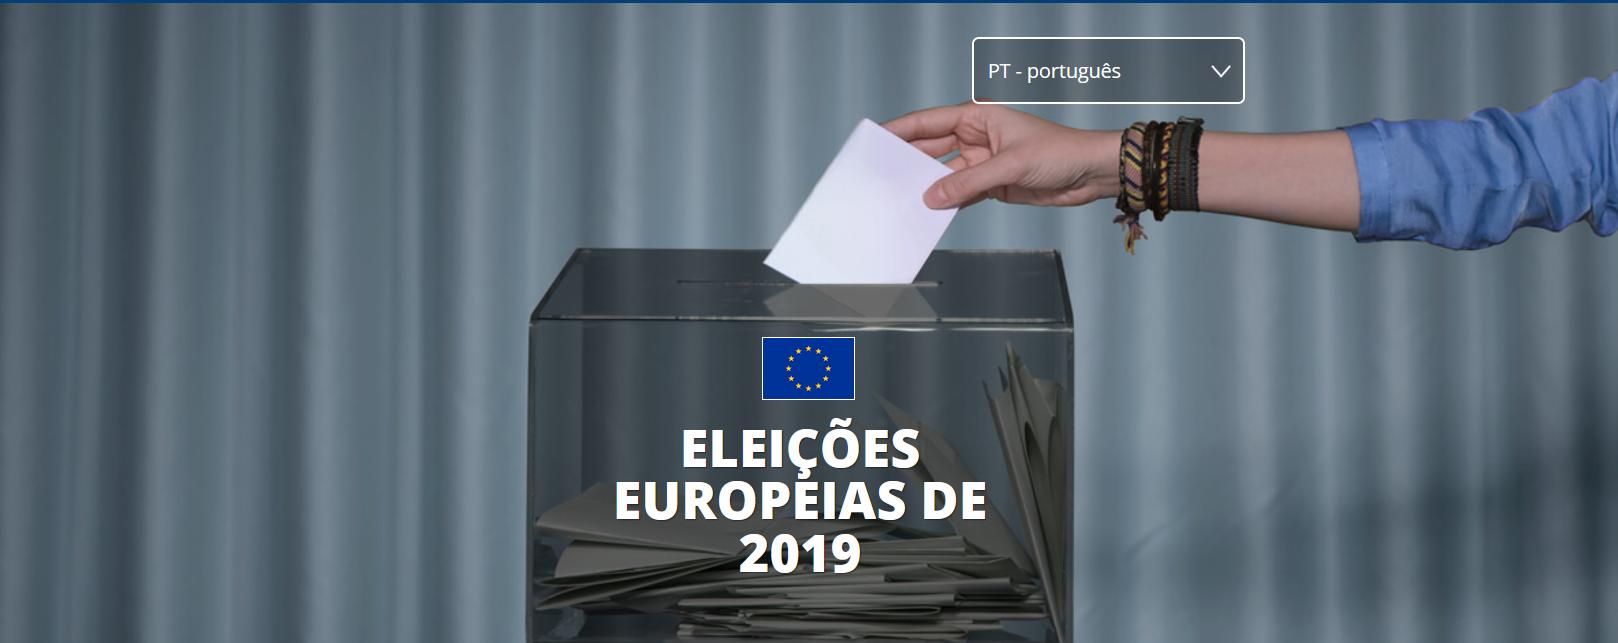 Print www.eleicoes.europeias .eu